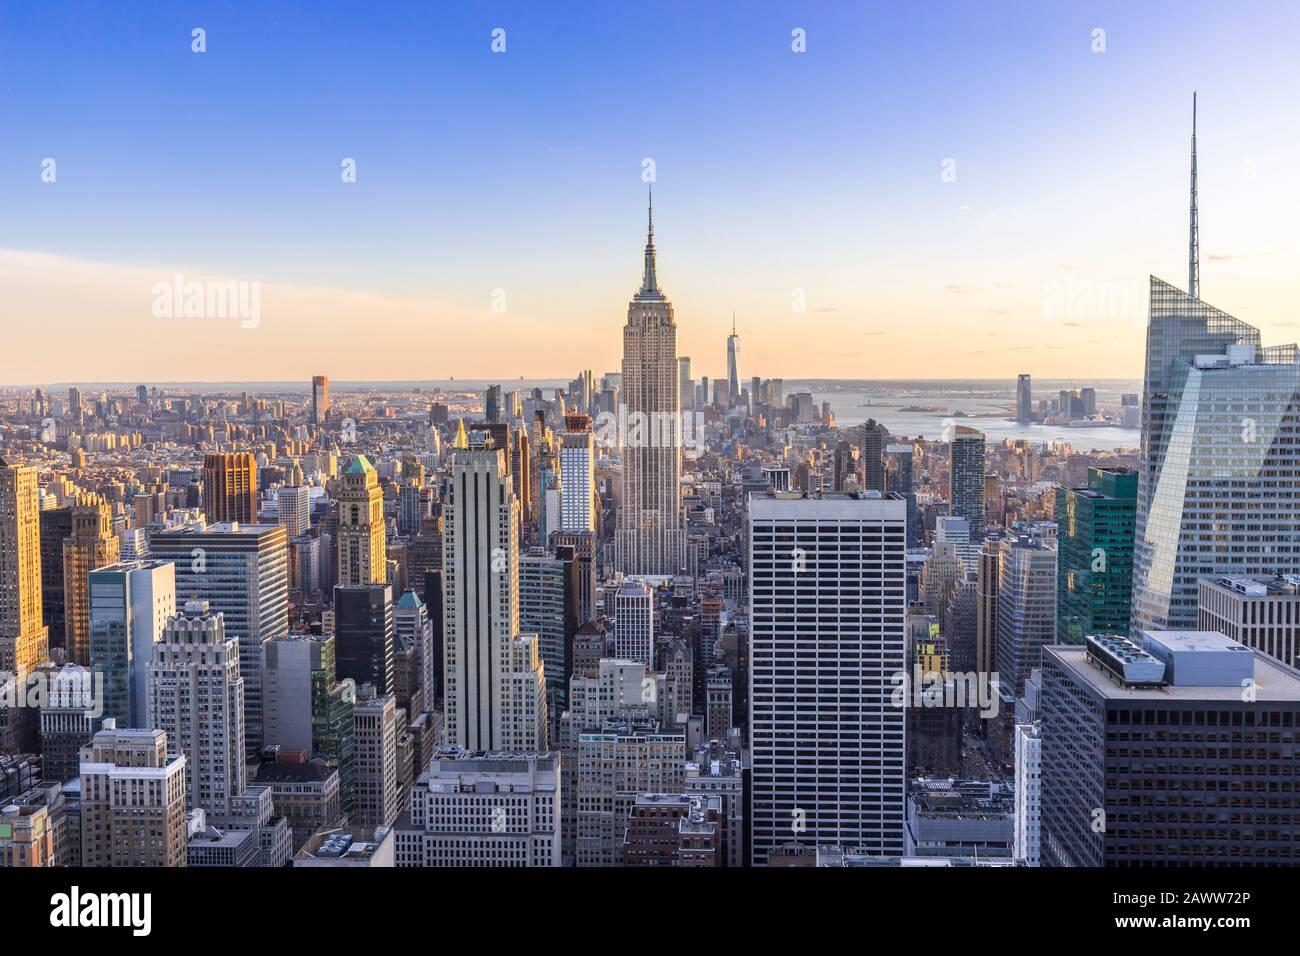 New York City Skyline dans le centre-ville de Manhattan avec Empire State Building et gratte-ciel au coucher du soleil USA Banque D'Images